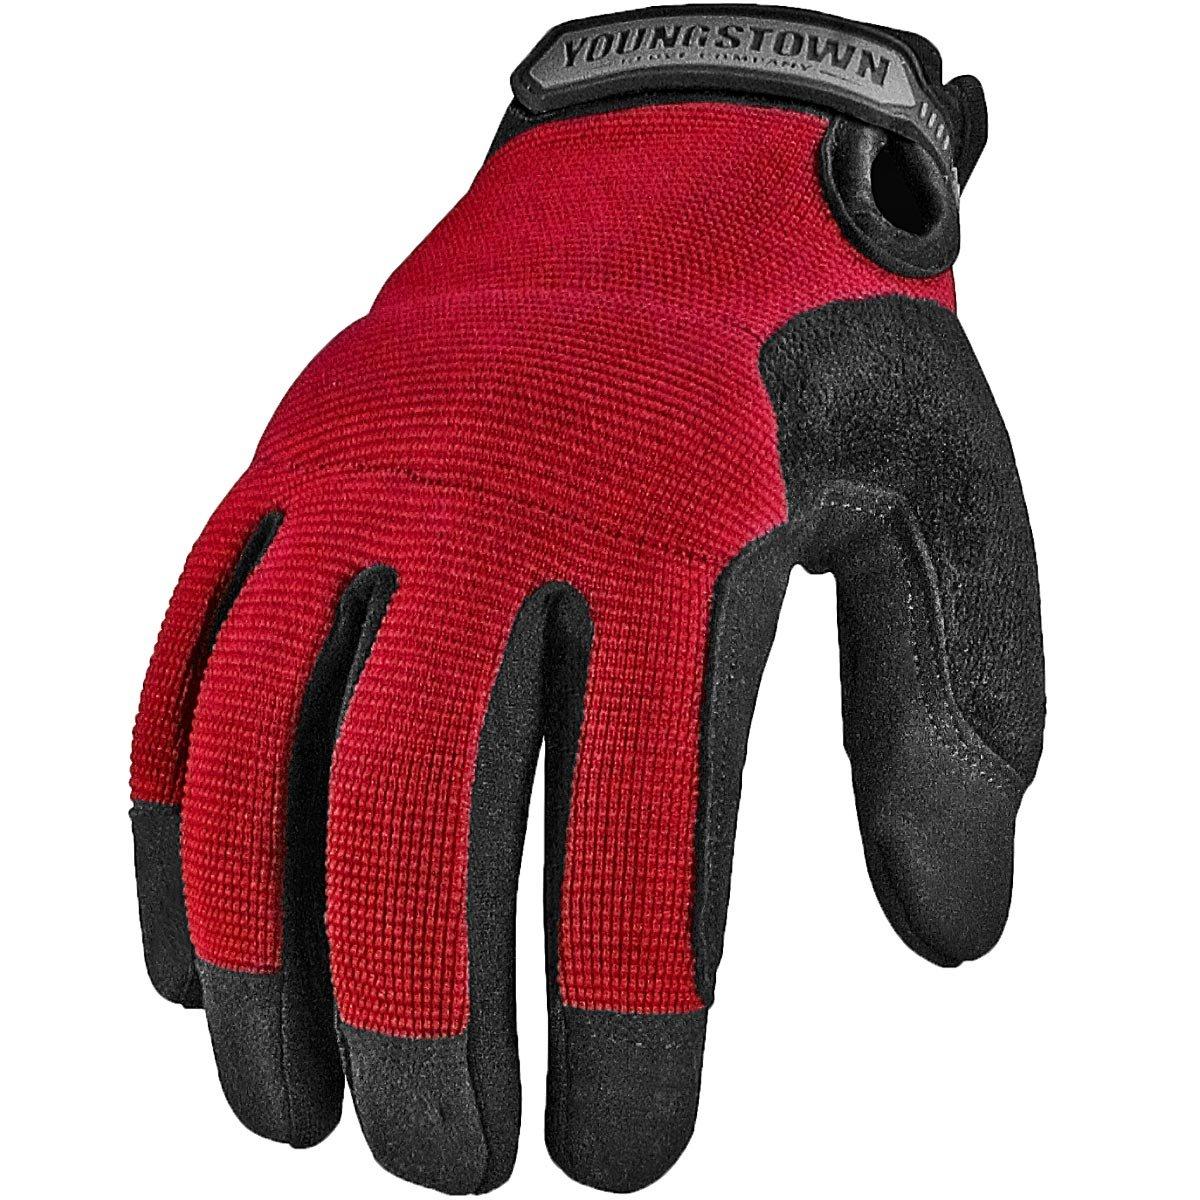 Youngstown Glove 04-3800-30-M Women's Garden Gloves, Medium